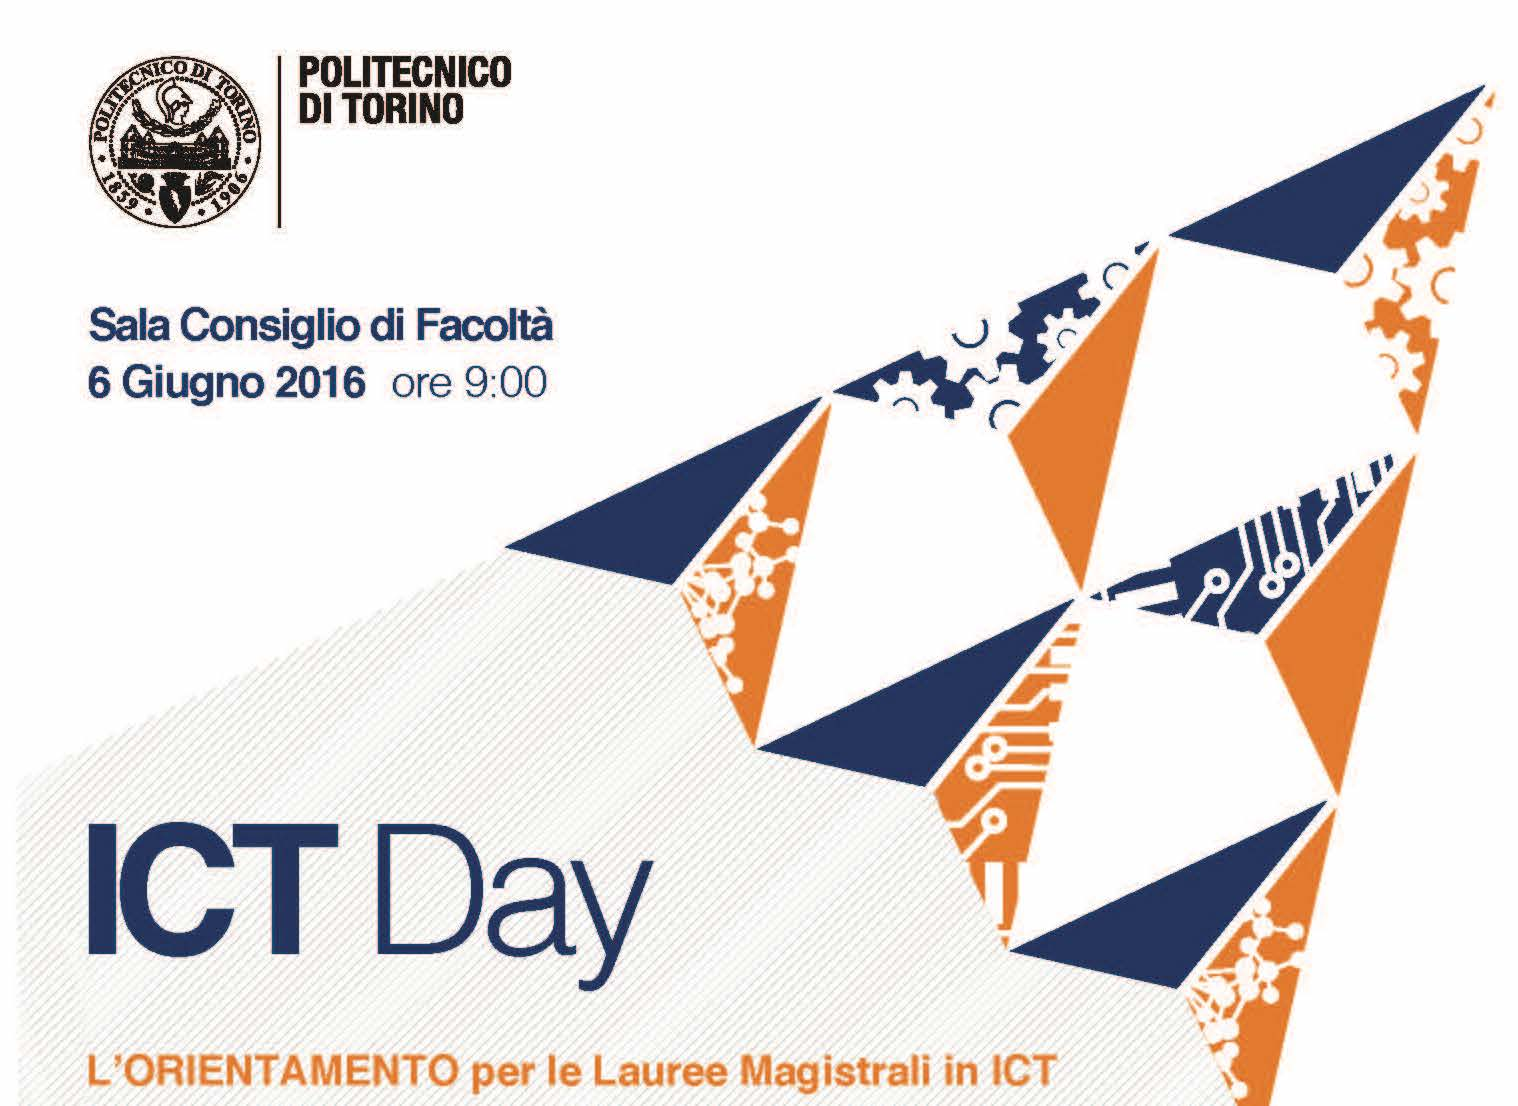 ICT Day 2016